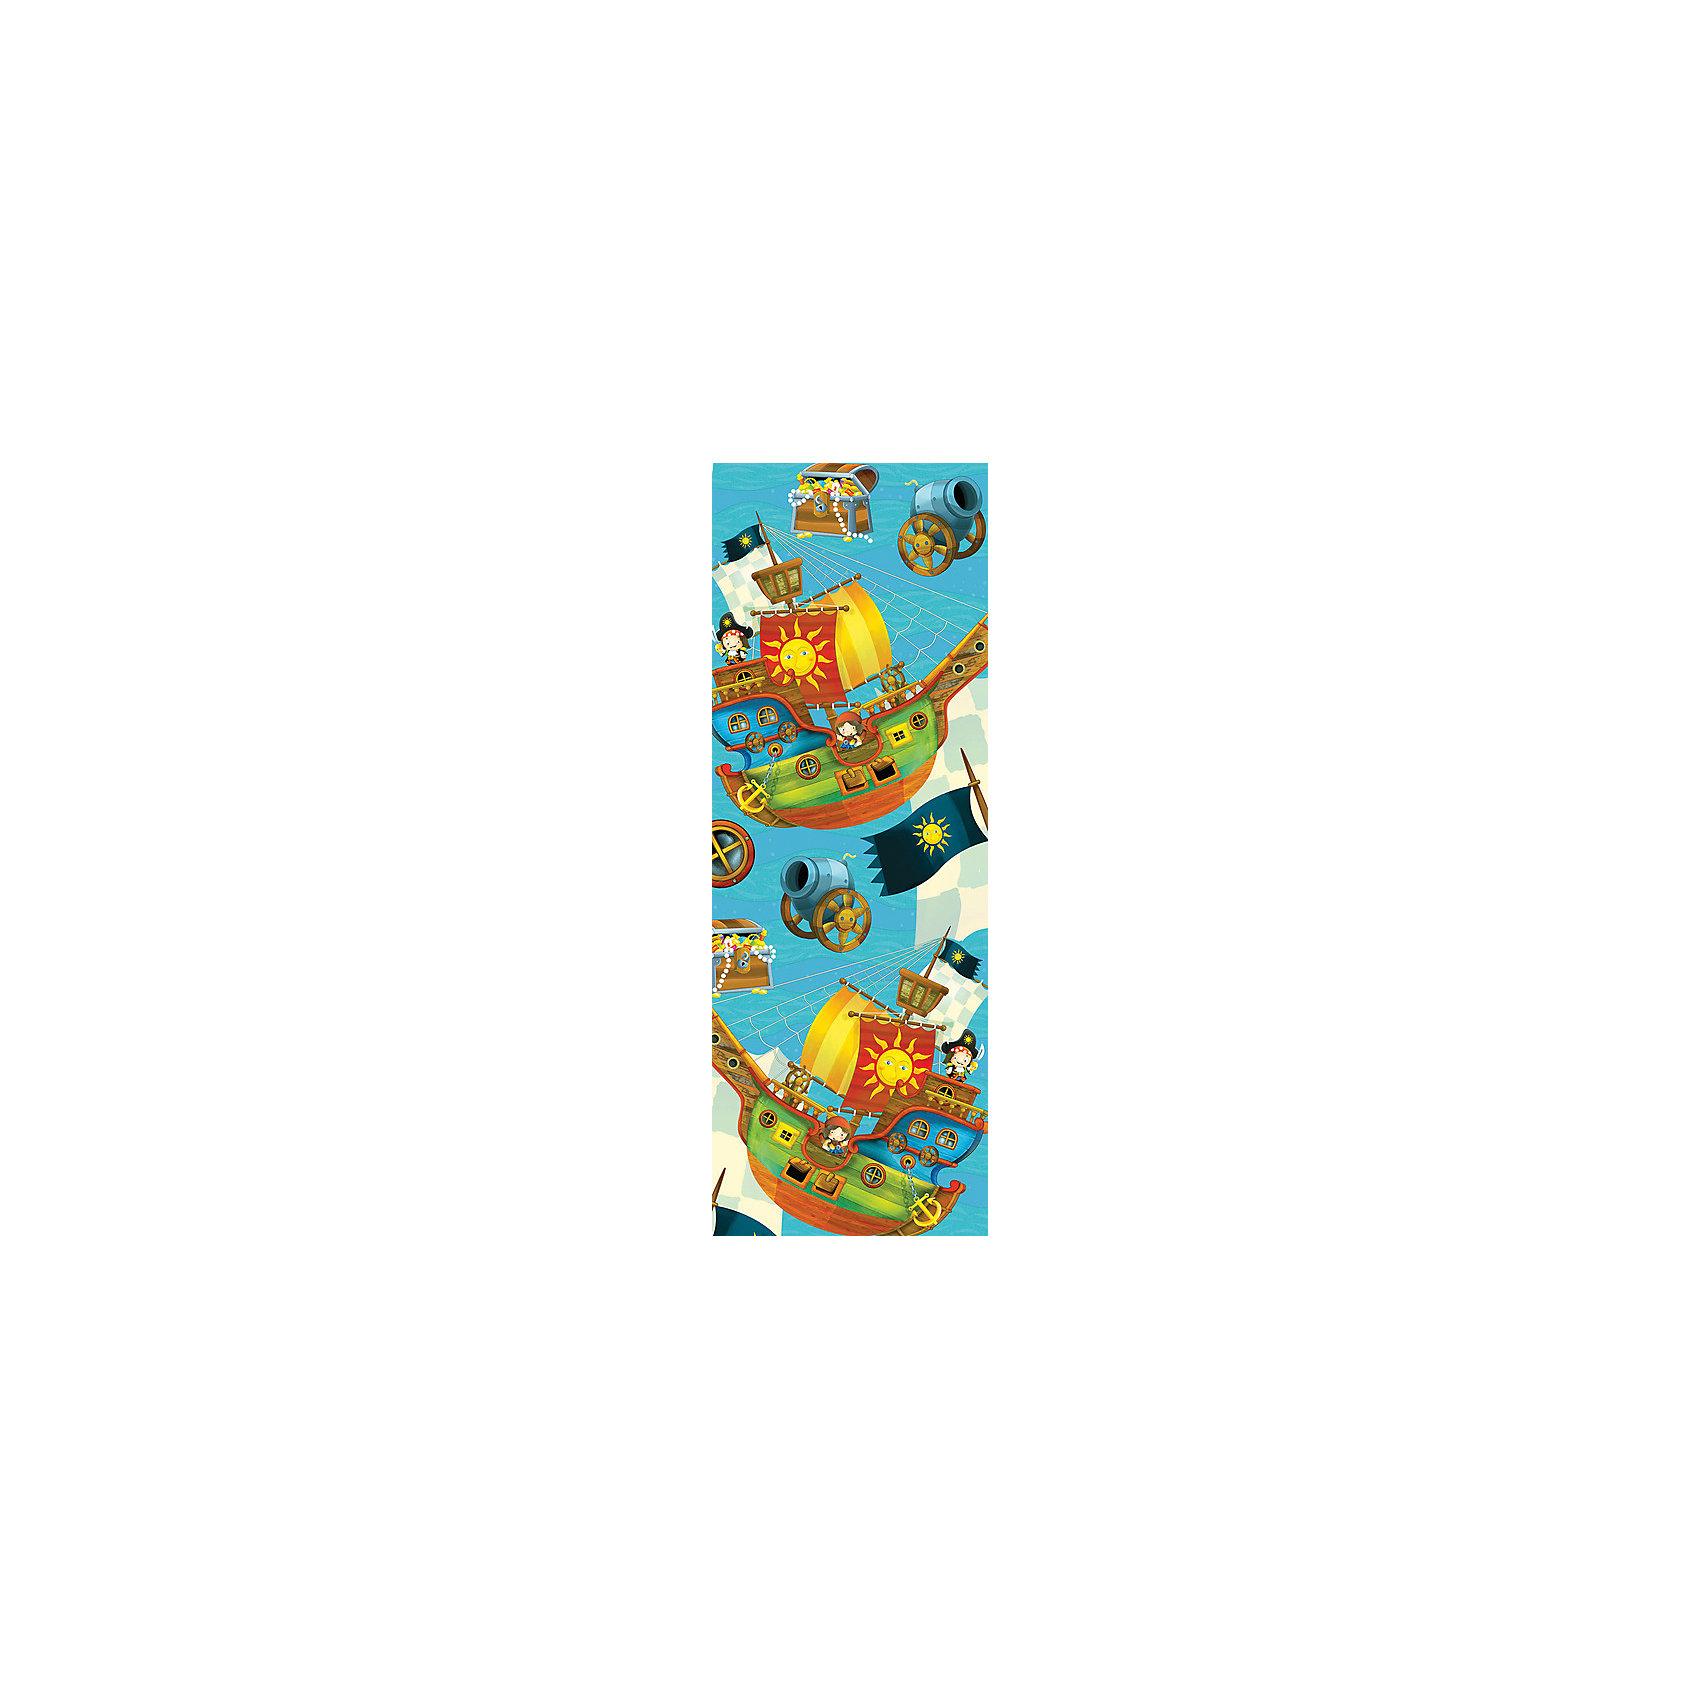 Фотообои Кораблики (1,00*2,8), DECOCODEДетские предметы интерьера<br>Характеристики:<br><br>• Предназначение: декор комнаты<br>• Тематика: Здесь живут чудеса<br>• Материал: флизелин, винил<br>• Фактура: вельвет<br>• Размер полотна (Ш*Д): 100*280 см <br>• Устойчивы к выцветанию и истиранию<br>• Допускается влажная чистка<br>• Размеры (Д*Ш*В): 15*9,5*130 см<br>• Вес: 1 кг 80 г<br><br>Обои изготовлены на флизелиновой основе с имитацией вельветовой поверхности, за счет чего им придается повышенная устойчивость к повреждениям, истиранию и изменению цвета. Все материалы, использованные в производстве, соответствуют международным стандартам безопасности.<br><br>Фотообои Кораблики (1,00*2,8), DECOCODE состоят из элементов с изображением парусных кораблей, пушек и сундуков с сокровищами. Общий размер декоративного полотна составляет 1,3*2,5 м. <br><br>Фотообои Кораблики (1,00*2,8), DECOCODE можно купить в нашем интернет-магазине.<br><br>Ширина мм: 150<br>Глубина мм: 95<br>Высота мм: 1300<br>Вес г: 1080<br>Возраст от месяцев: 0<br>Возраст до месяцев: 1188<br>Пол: Мужской<br>Возраст: Детский<br>SKU: 5513061